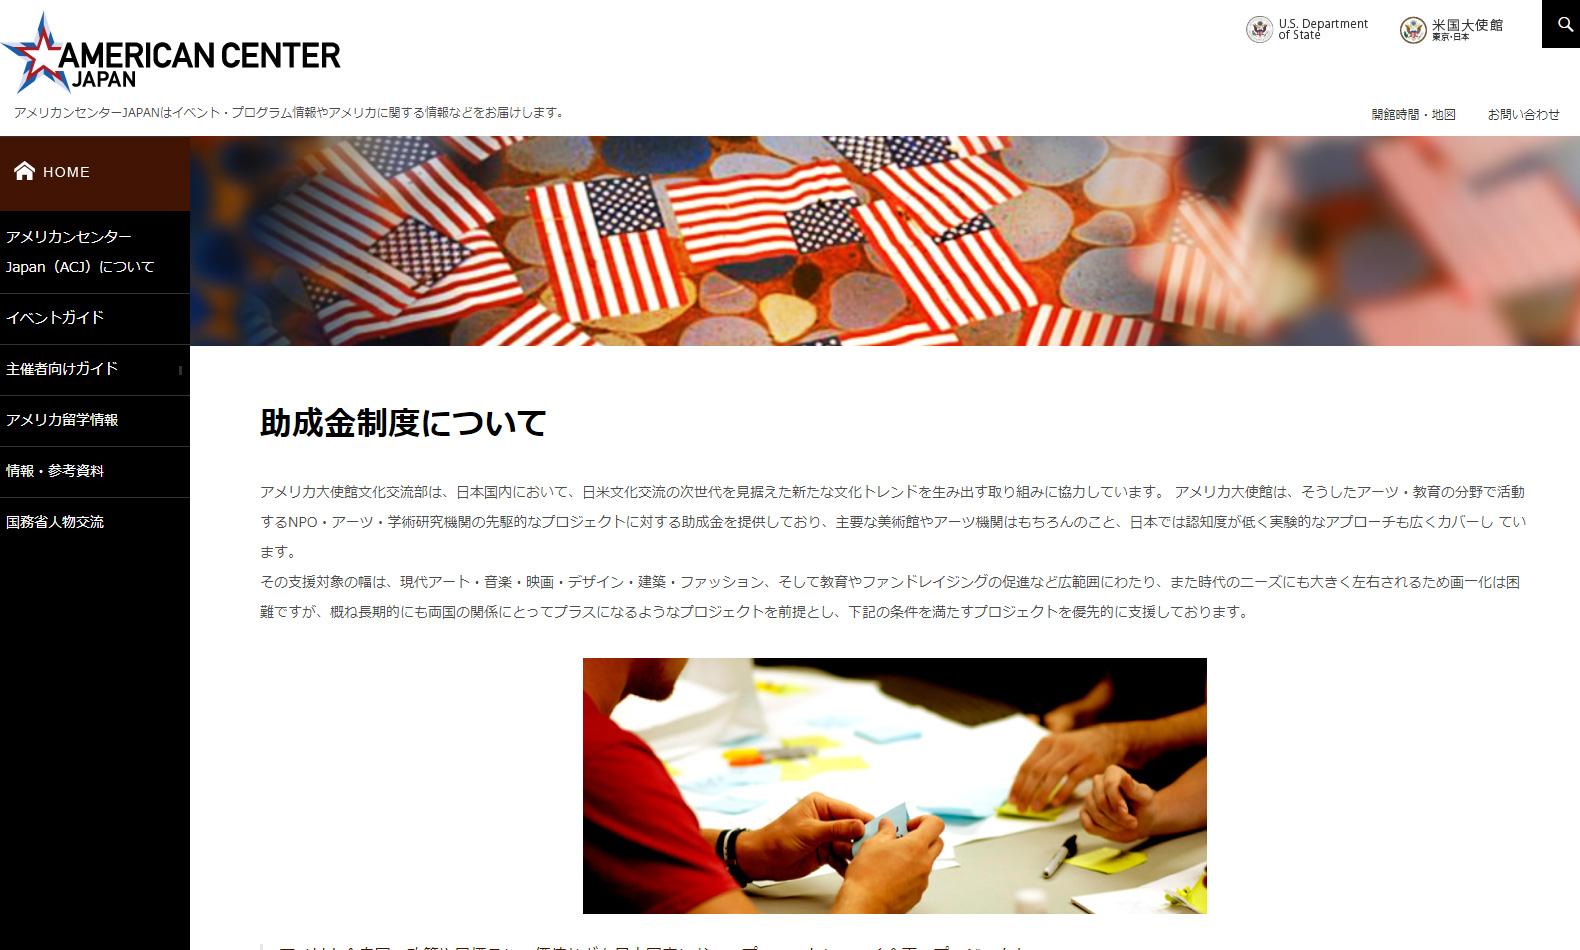 アメリカンセンタージャパン